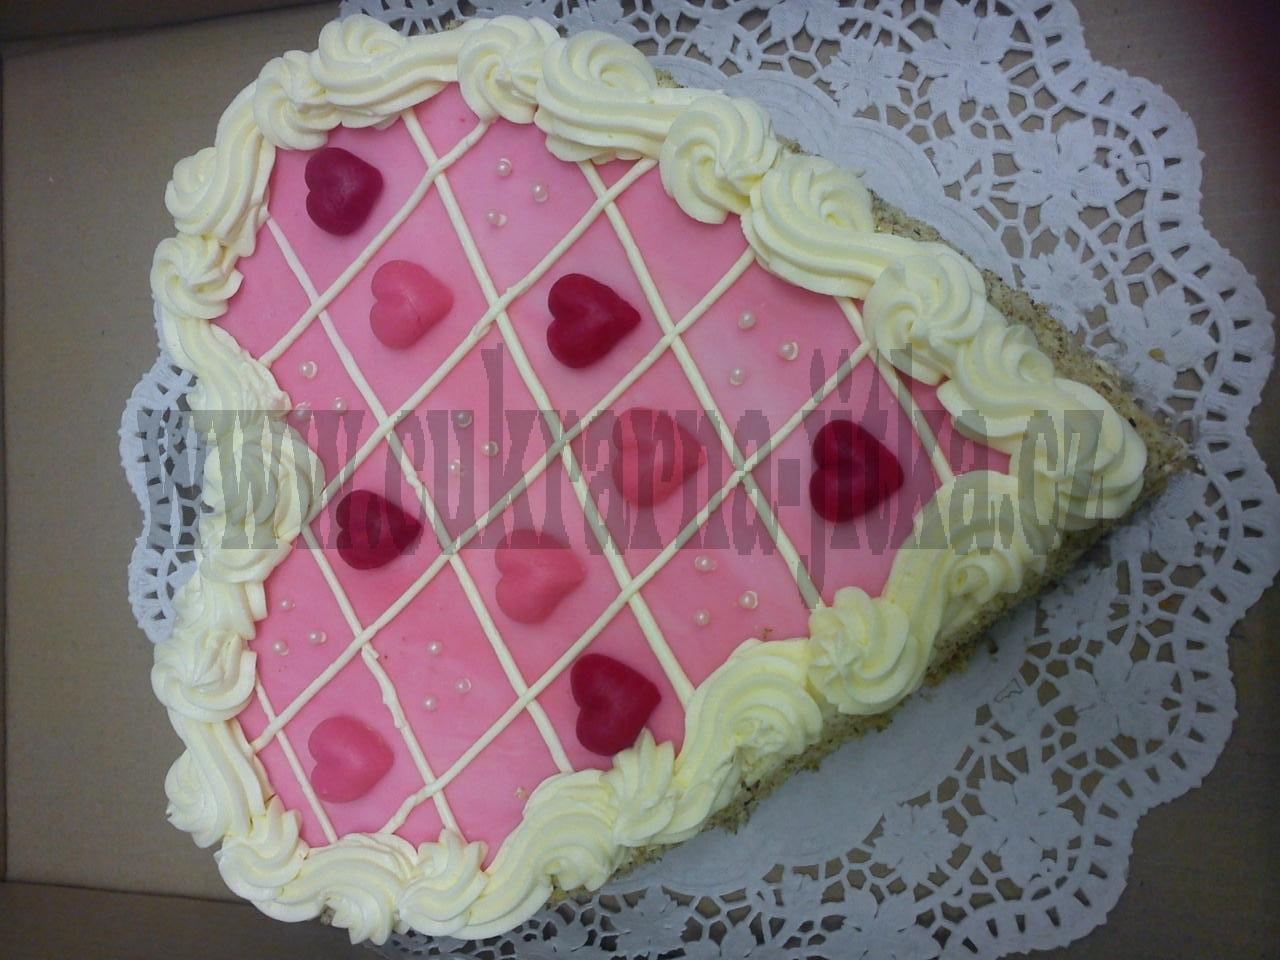 srdce dort -  vrch marcipán i srdíčka, bok ořech